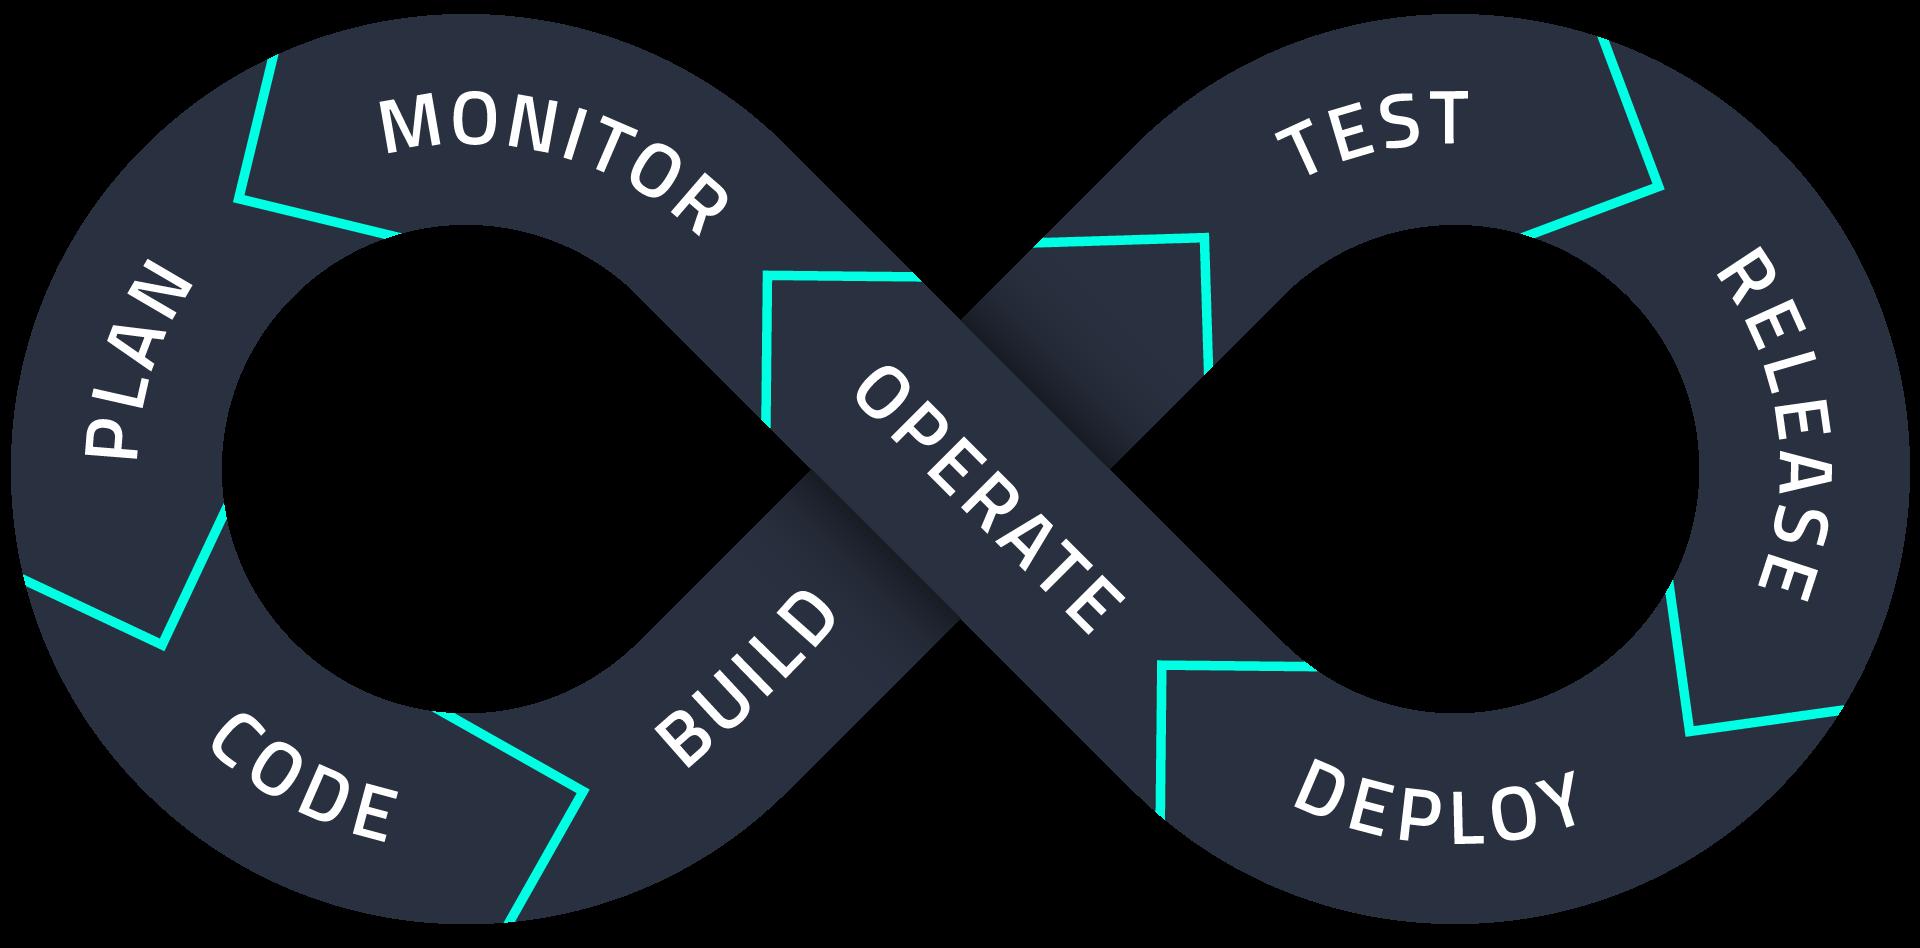 Devops Icon - Devops Grafik - Devops Infinity - was bedeutet devops